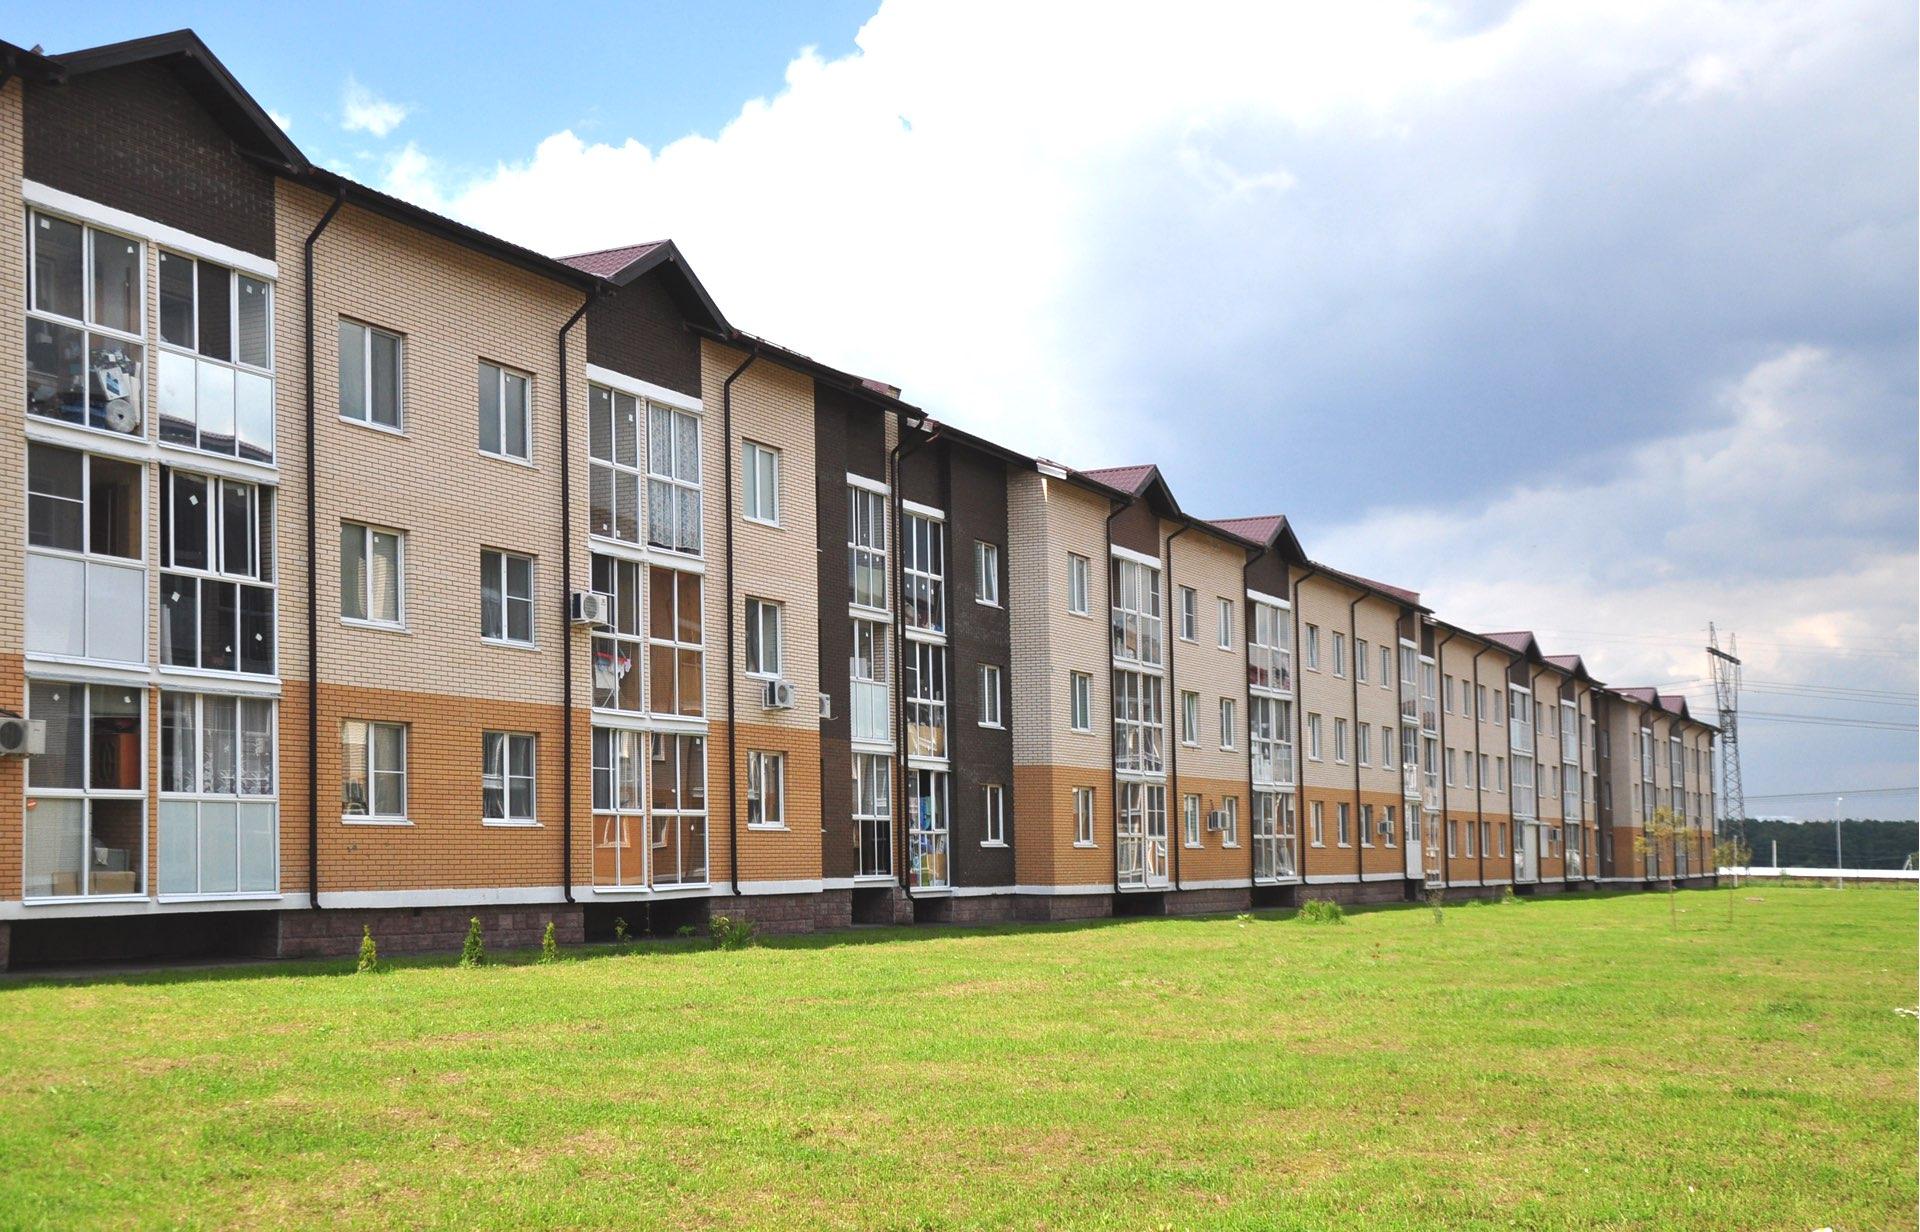 ЖК «Кореневский форт 2» - малоэтажный жилой комплекс в европейском стиле. Дома построены.